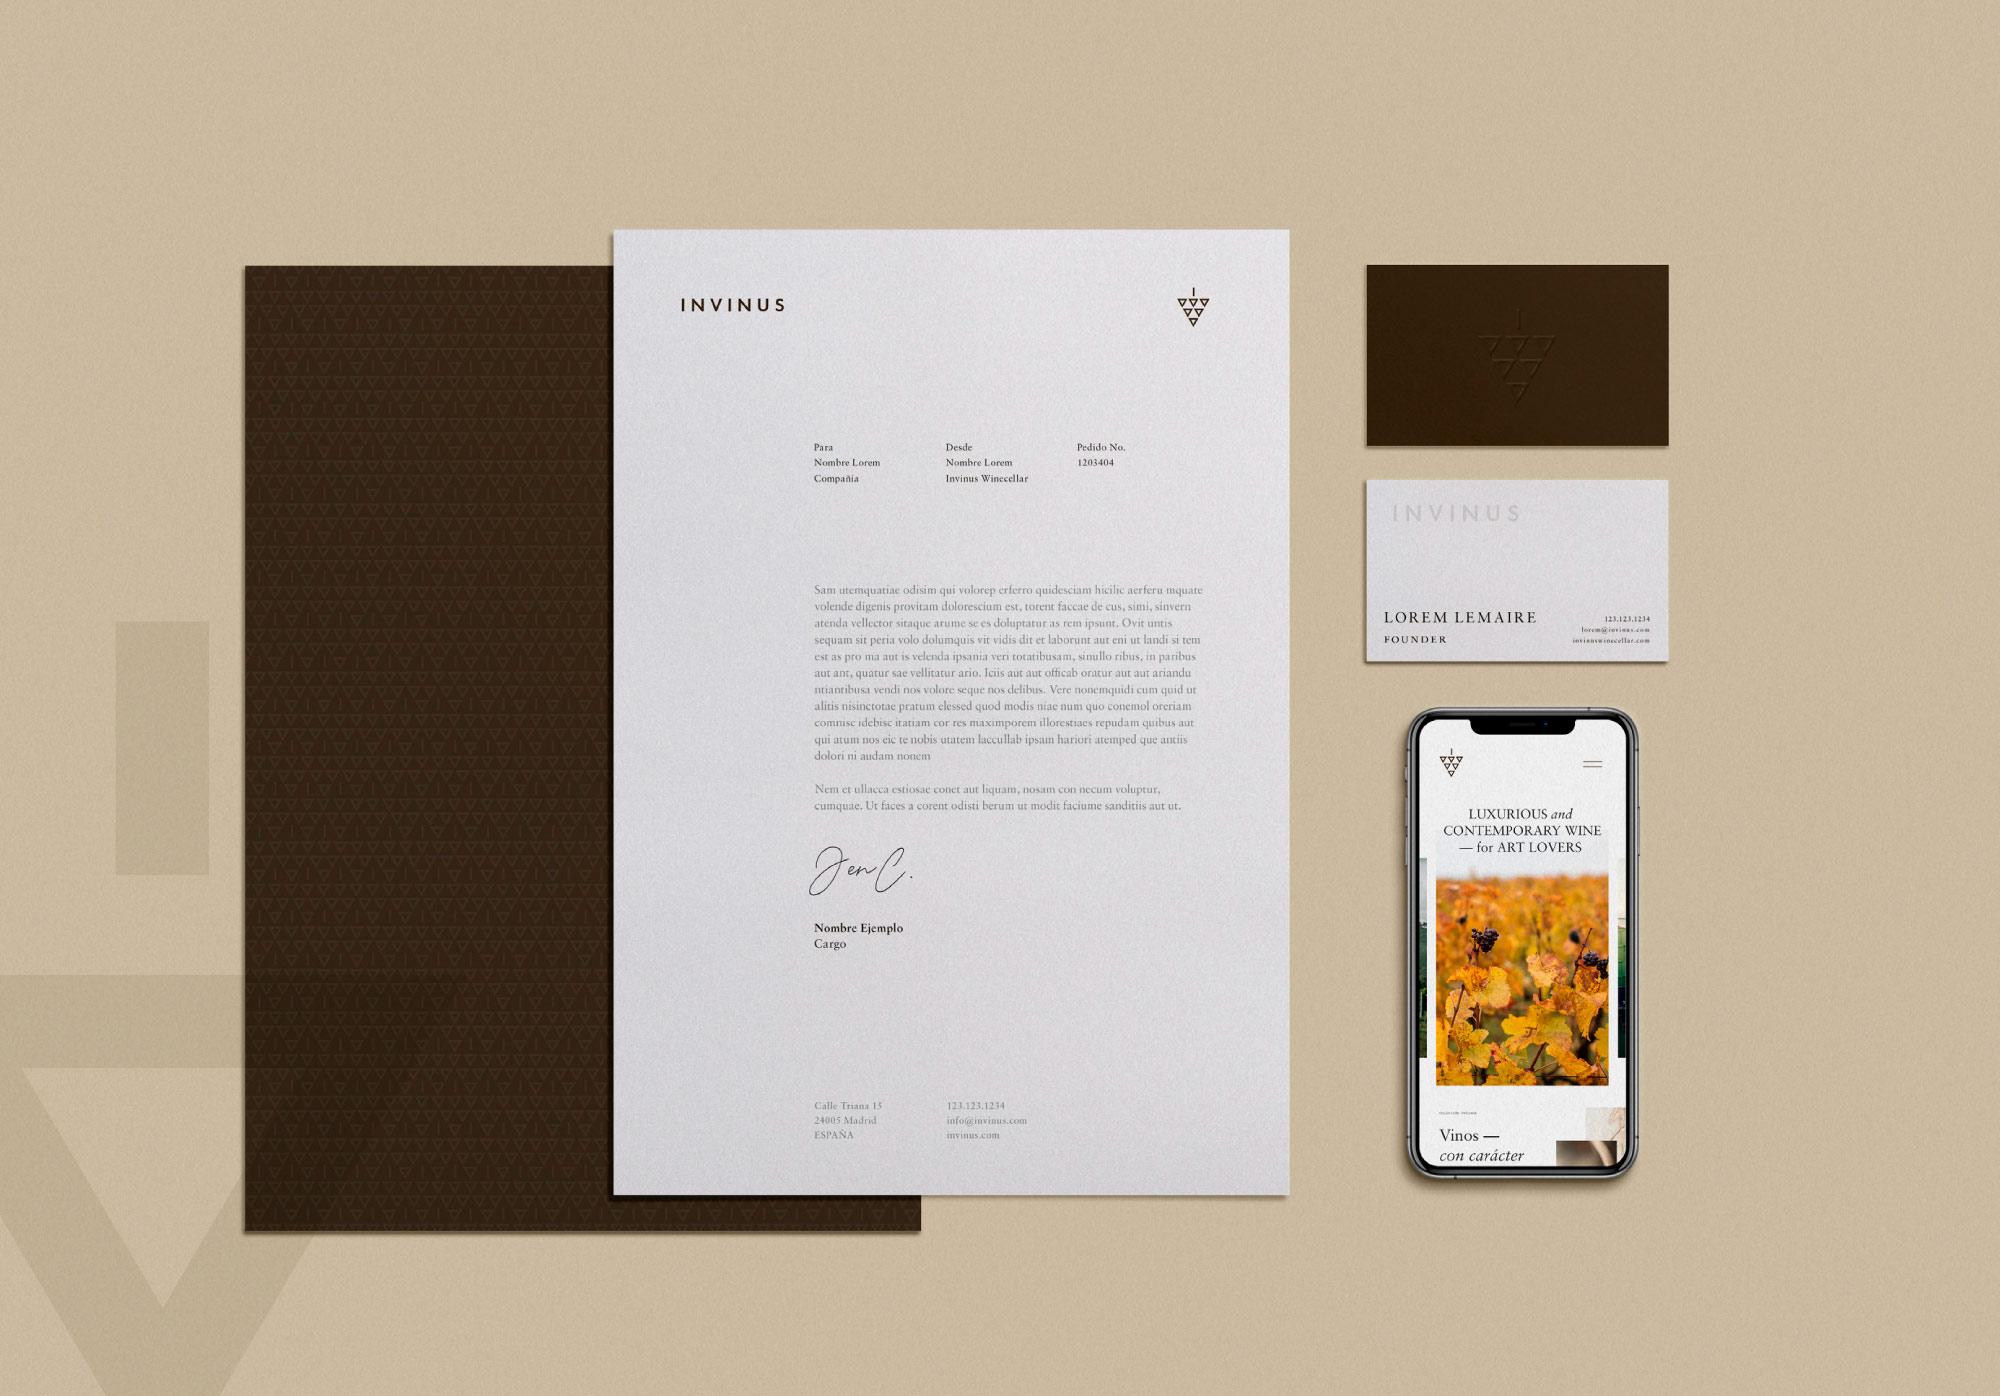 invinus-branding-04